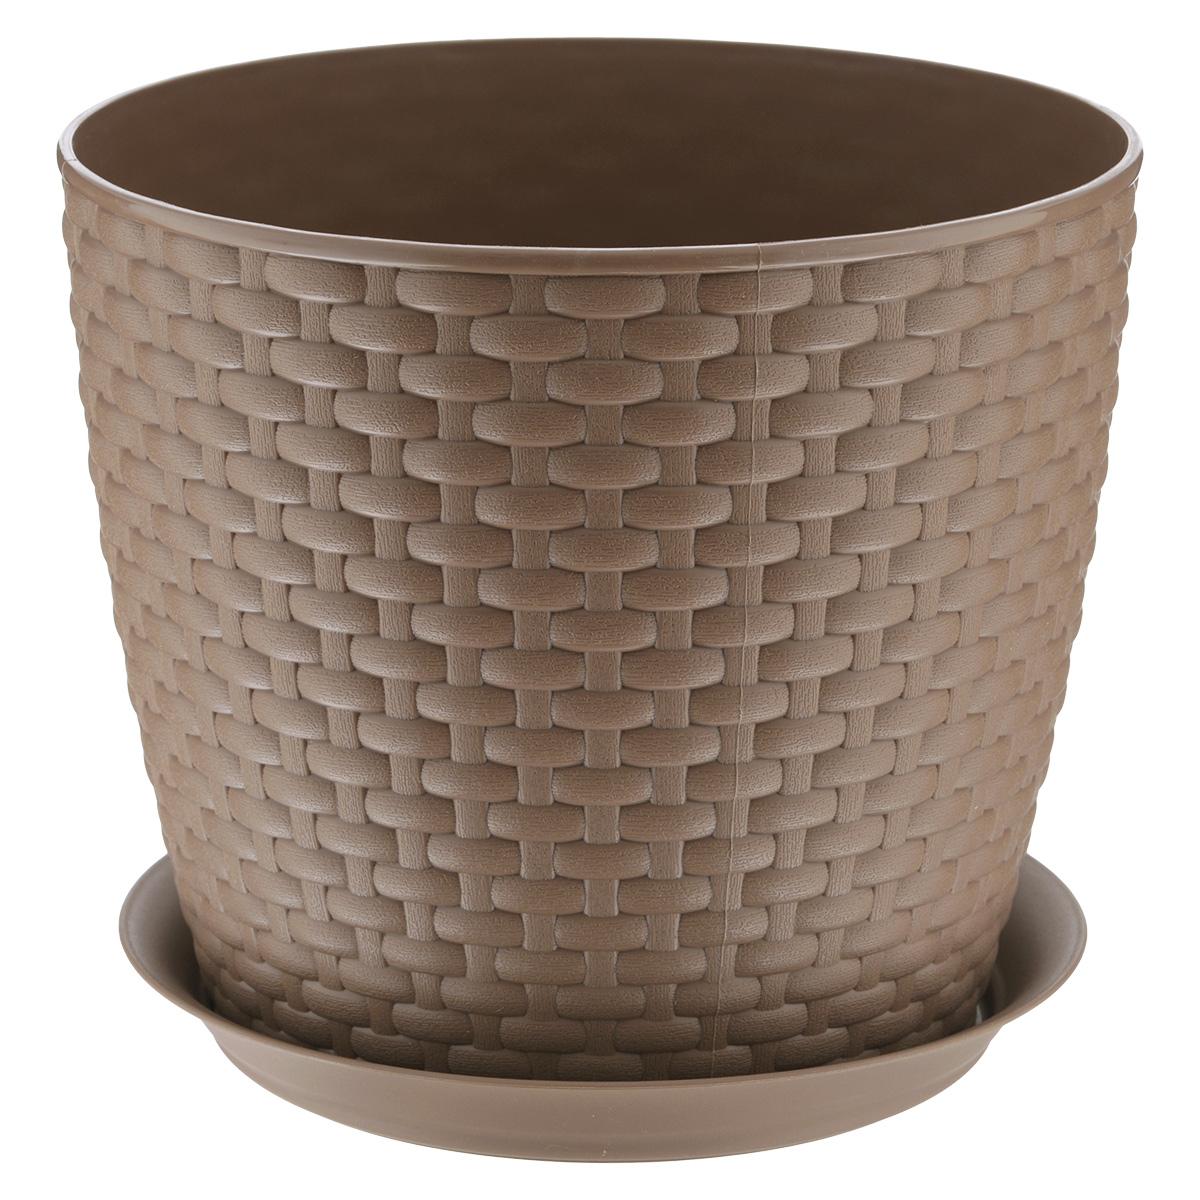 Кашпо Idea Ротанг, с поддоном, цвет: бежевый, 4,7 лМ 3083Кашпо Idea Ротанг изготовлено из высококачественного пластика. Специальный поддон предназначен для стока воды. Изделие прекрасно подходит для выращивания растений и цветов в домашних условиях. Лаконичный дизайн впишется в интерьер любого помещения. Диаметр поддона: 19,5 см. Объем кашпо: 4,7 л. Диаметр кашпо по верхнему краю: 21 см. Высота кашпо: 18 см.